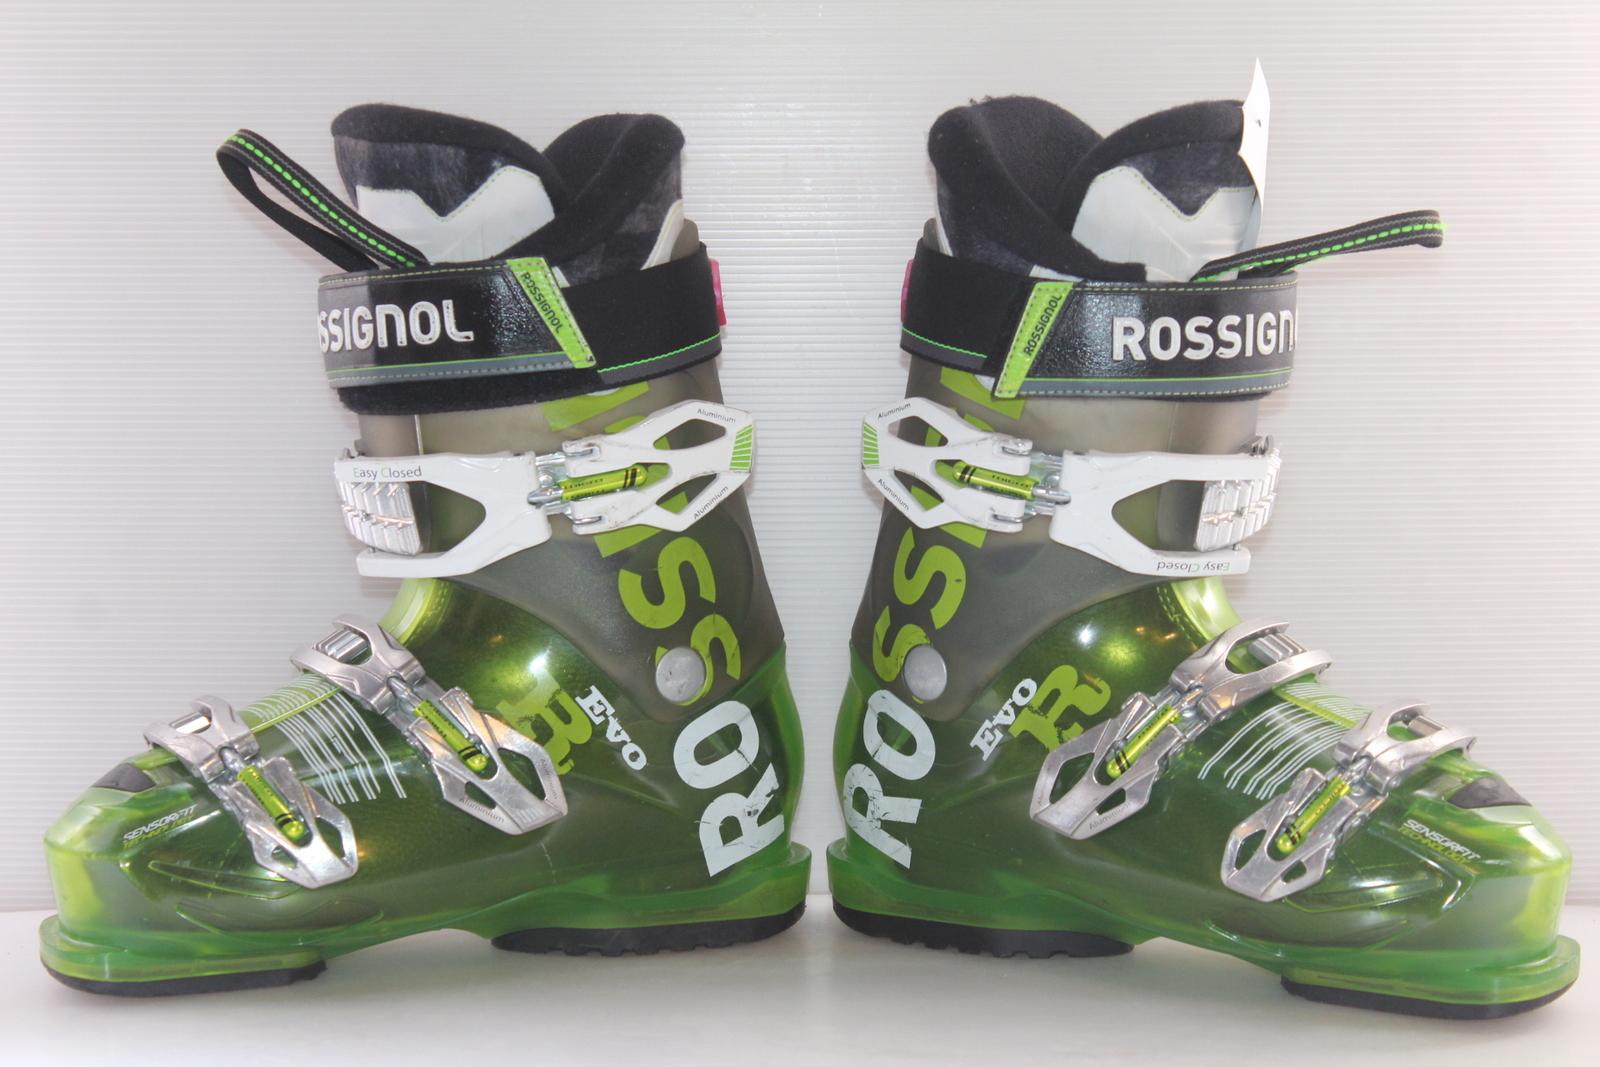 Dámské lyžáky Rossignol Evo R vel. EU38